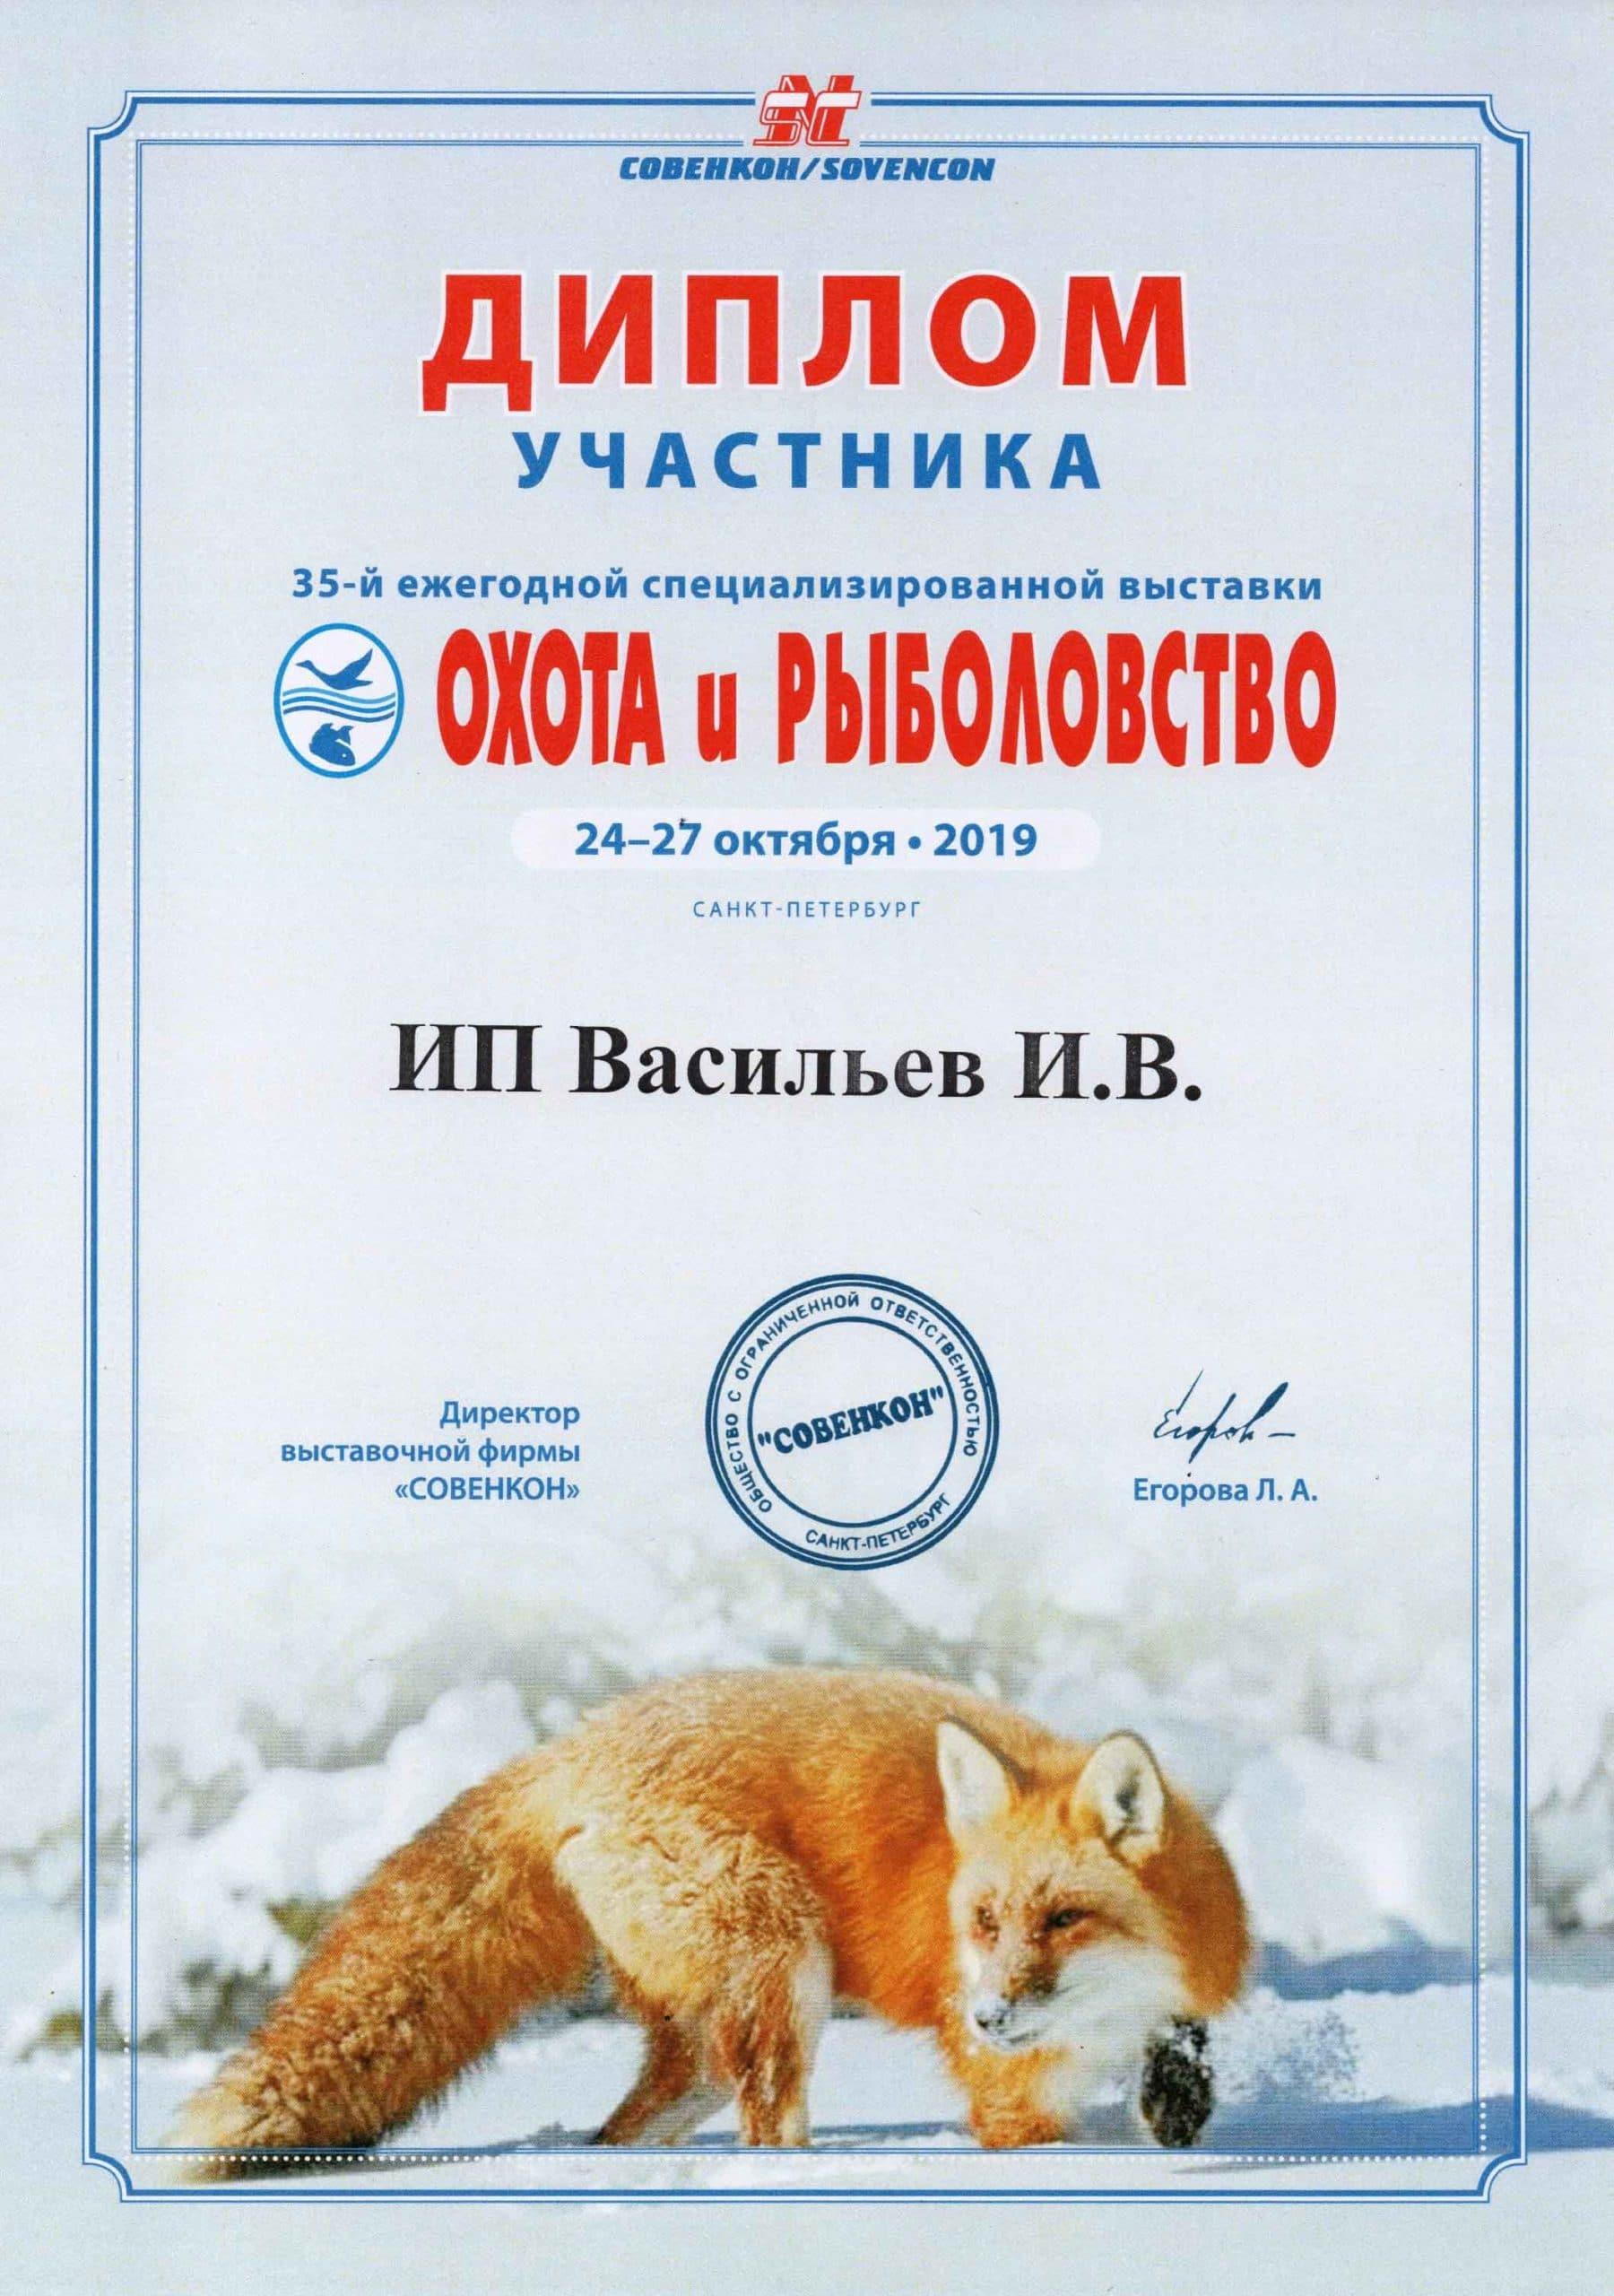 diplom ohota i rybolovstvo oktyabr 2019 tochilka zhuk